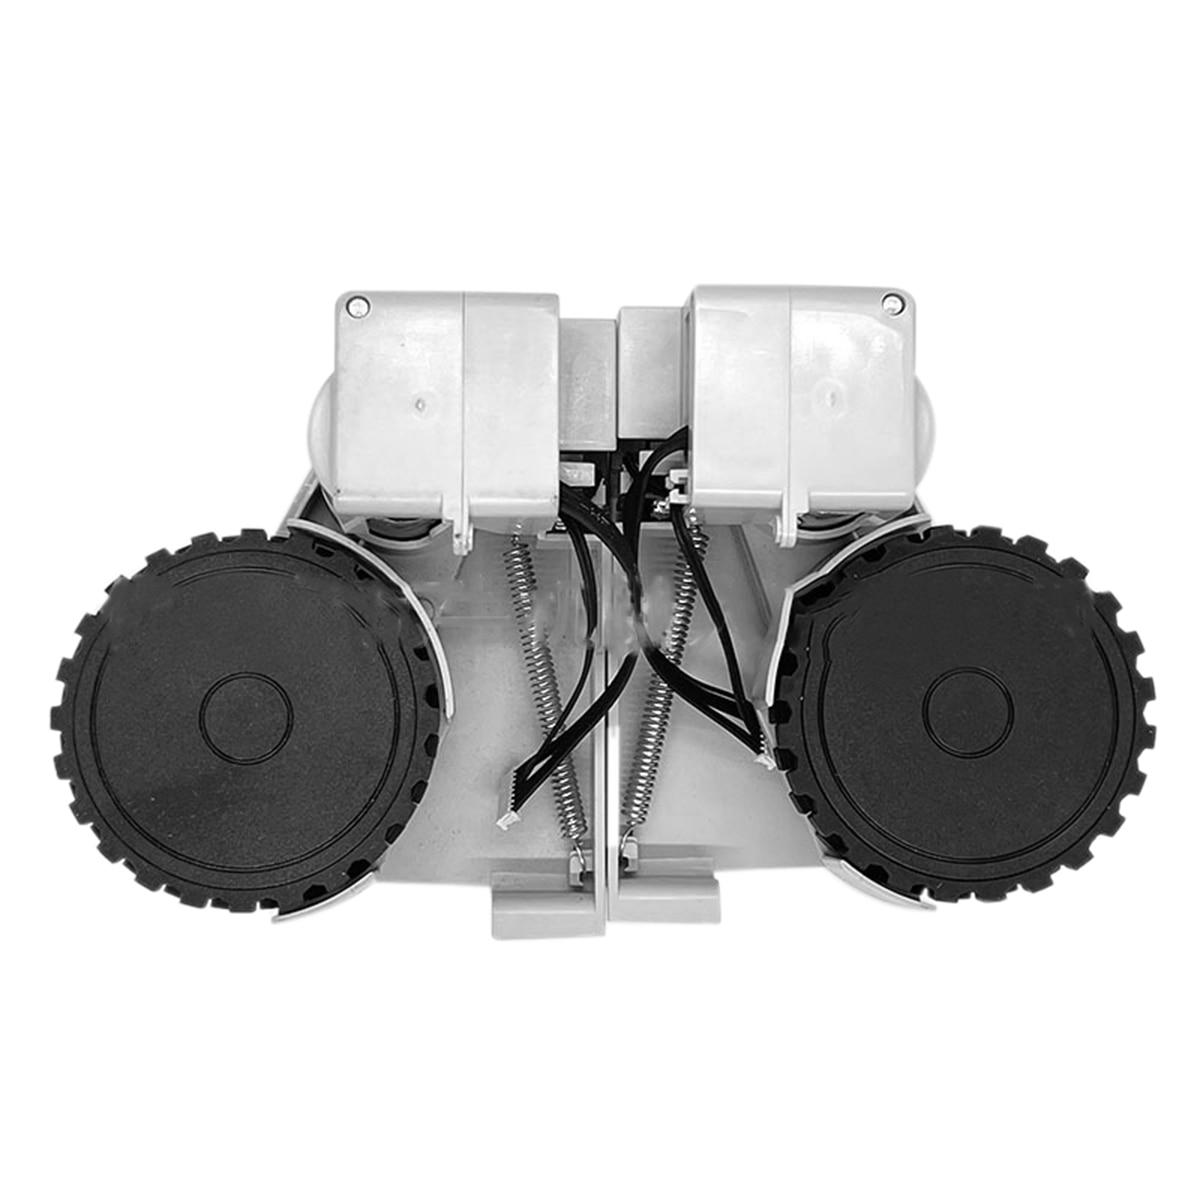 عجلة القيادة استبدال أجزاء ل شاومي Lydsto R1 روبوت مكنسة كهربائية اكسسوارات اليسار واليمين عجلة